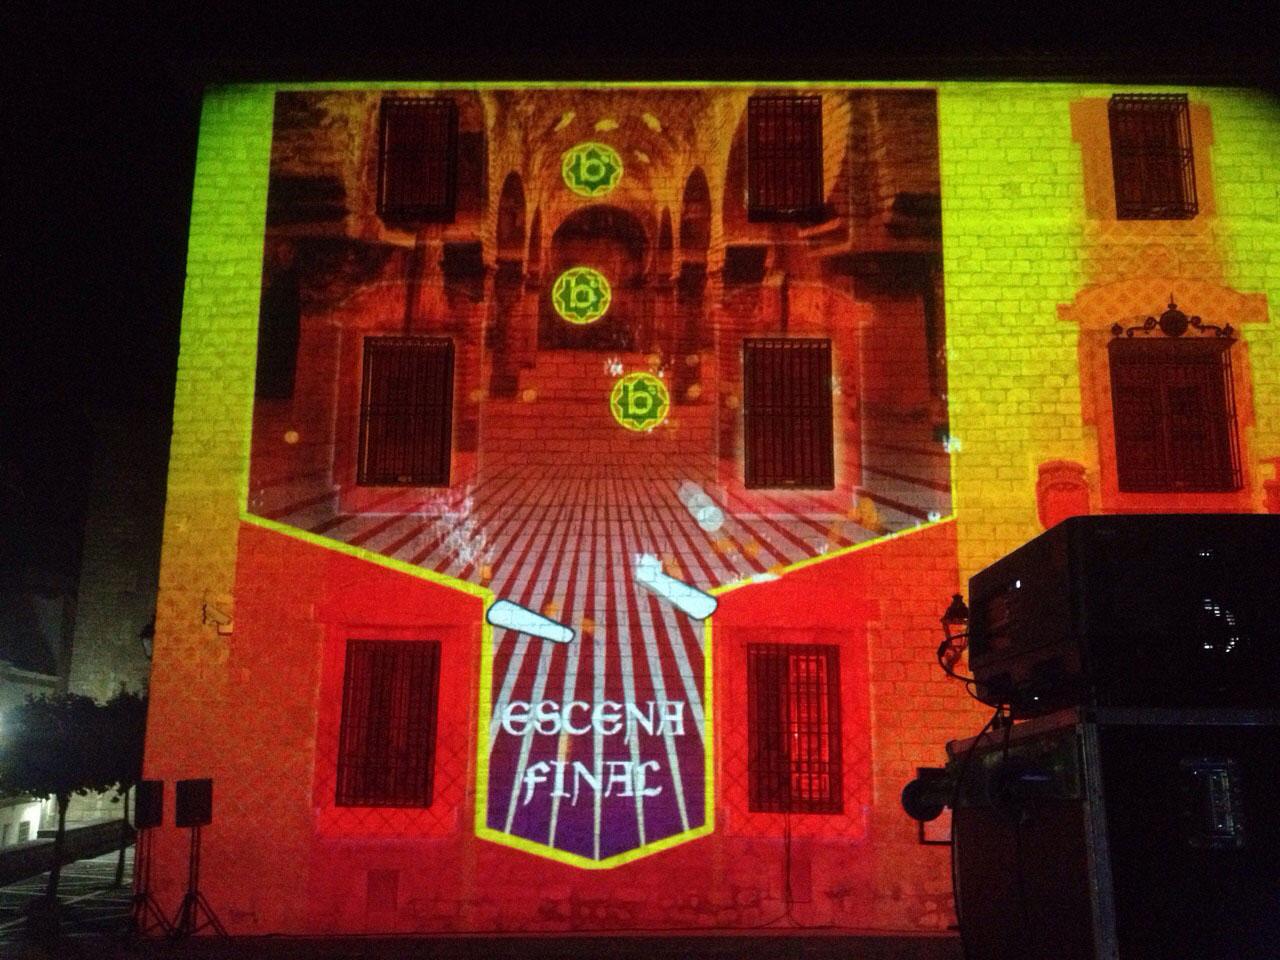 Pinball interactivo proyectado en el Palacio de Villardompardo de Jaén